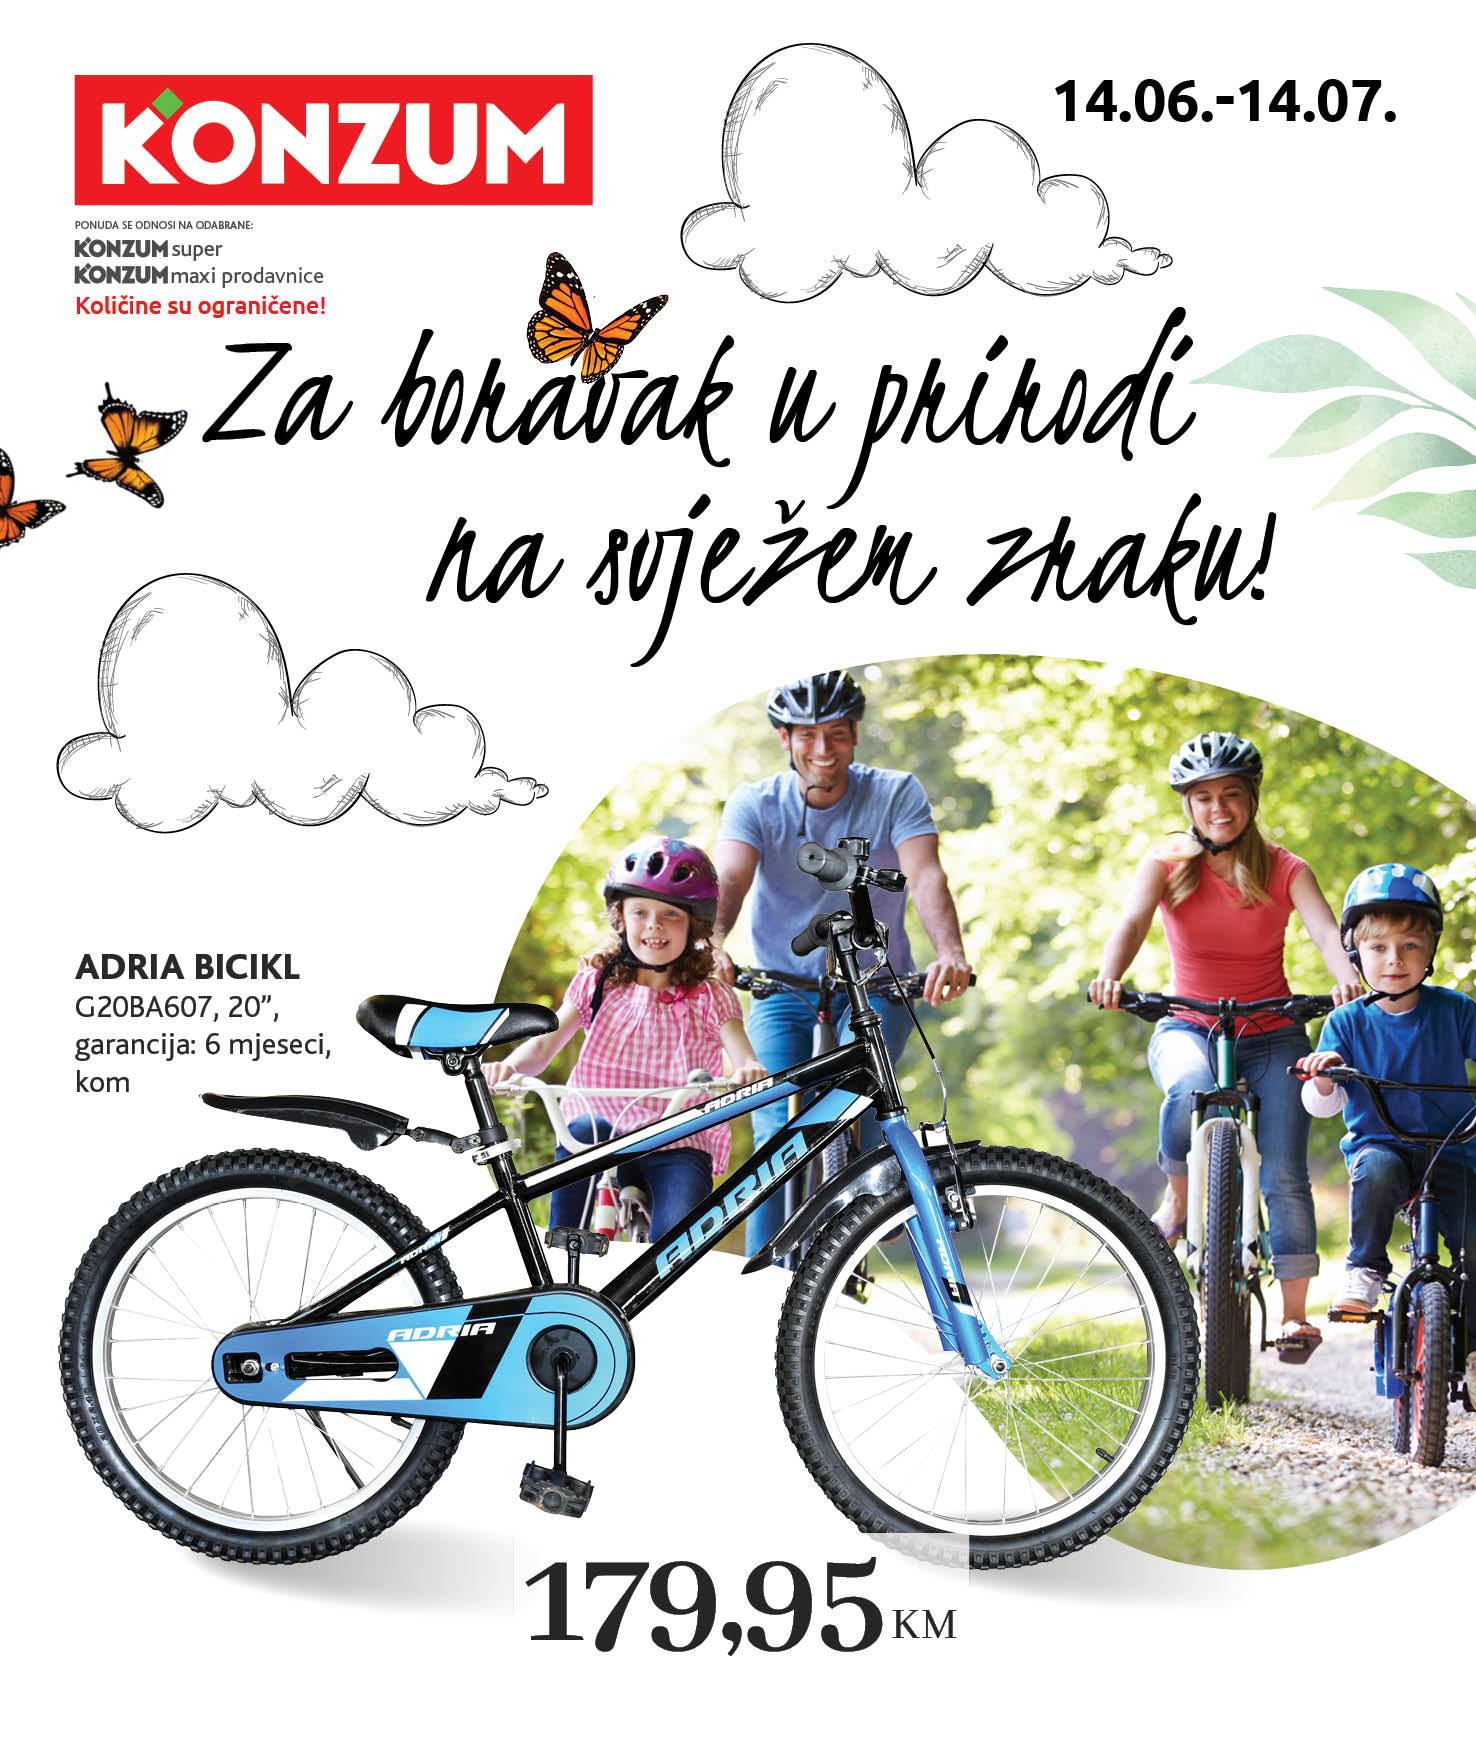 KONZUM Katalog Za boravak u prirodi JUN i JUL 2021 14.6. 14.7. eKatalozi.com PR Page 01 1